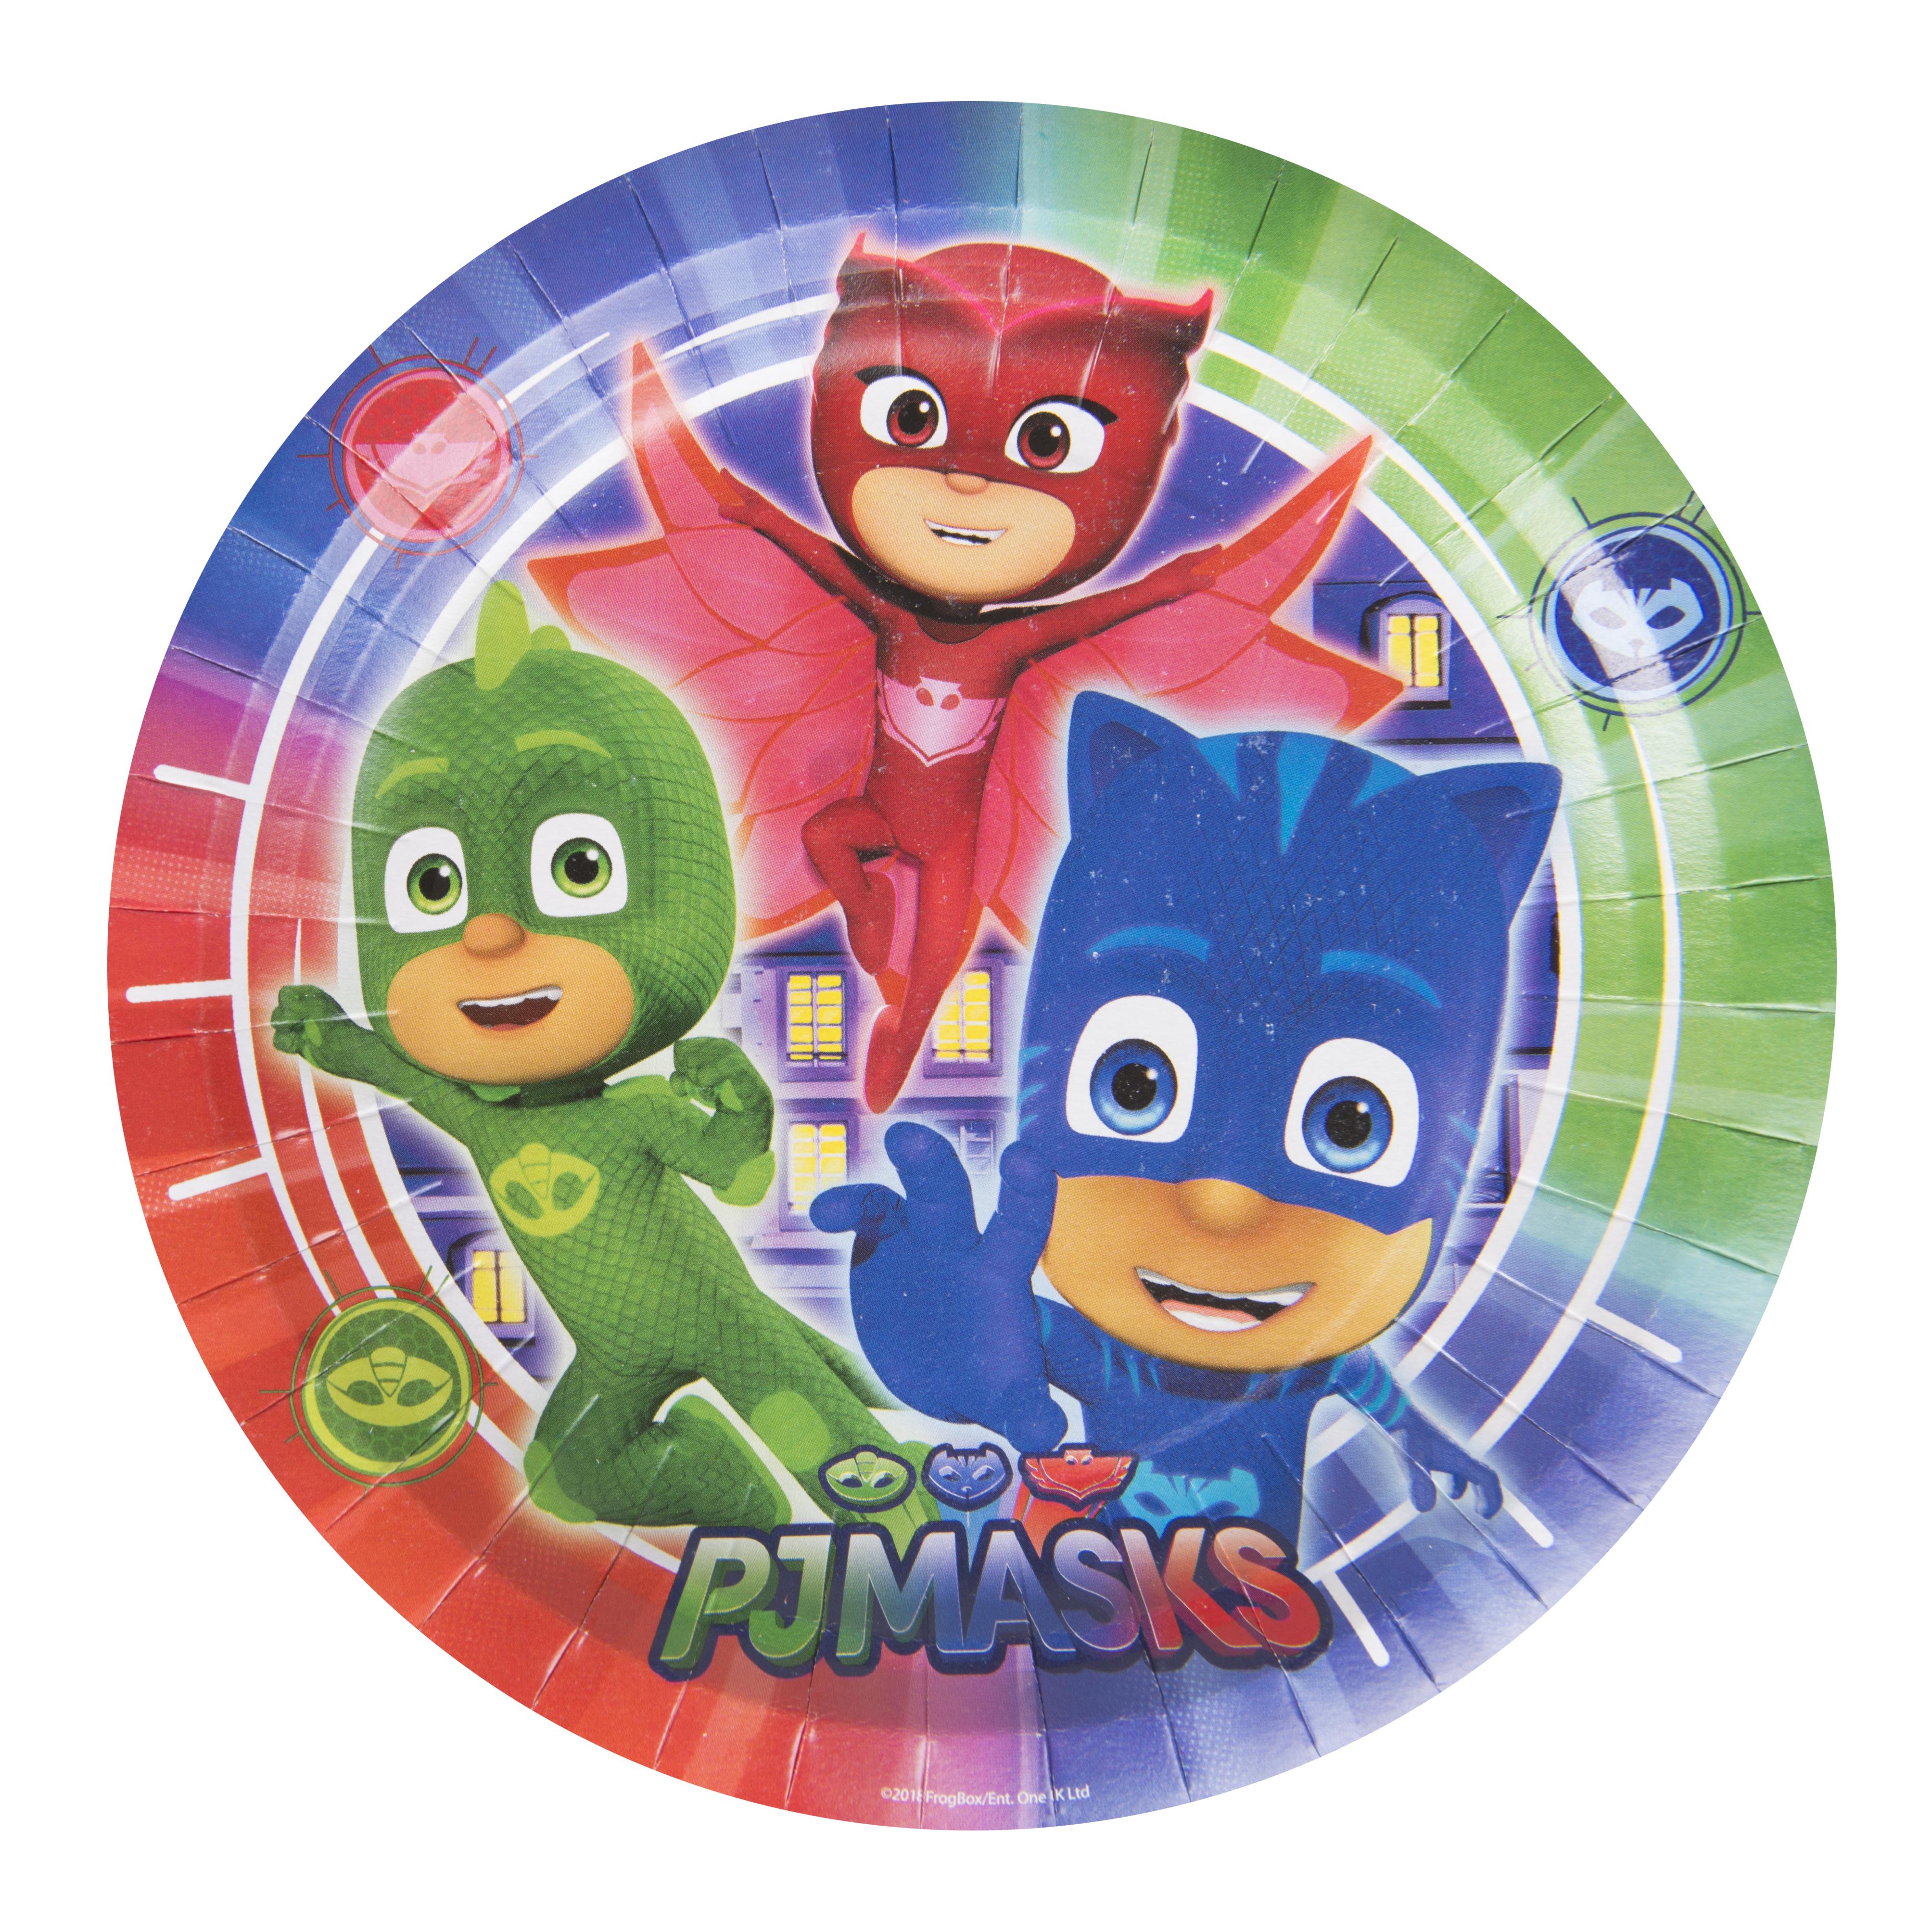 Посуда и скатерти PJ Masks Герои в масках pj masks набор толстых восковых карандашей герои в масках 8 цветов 34062